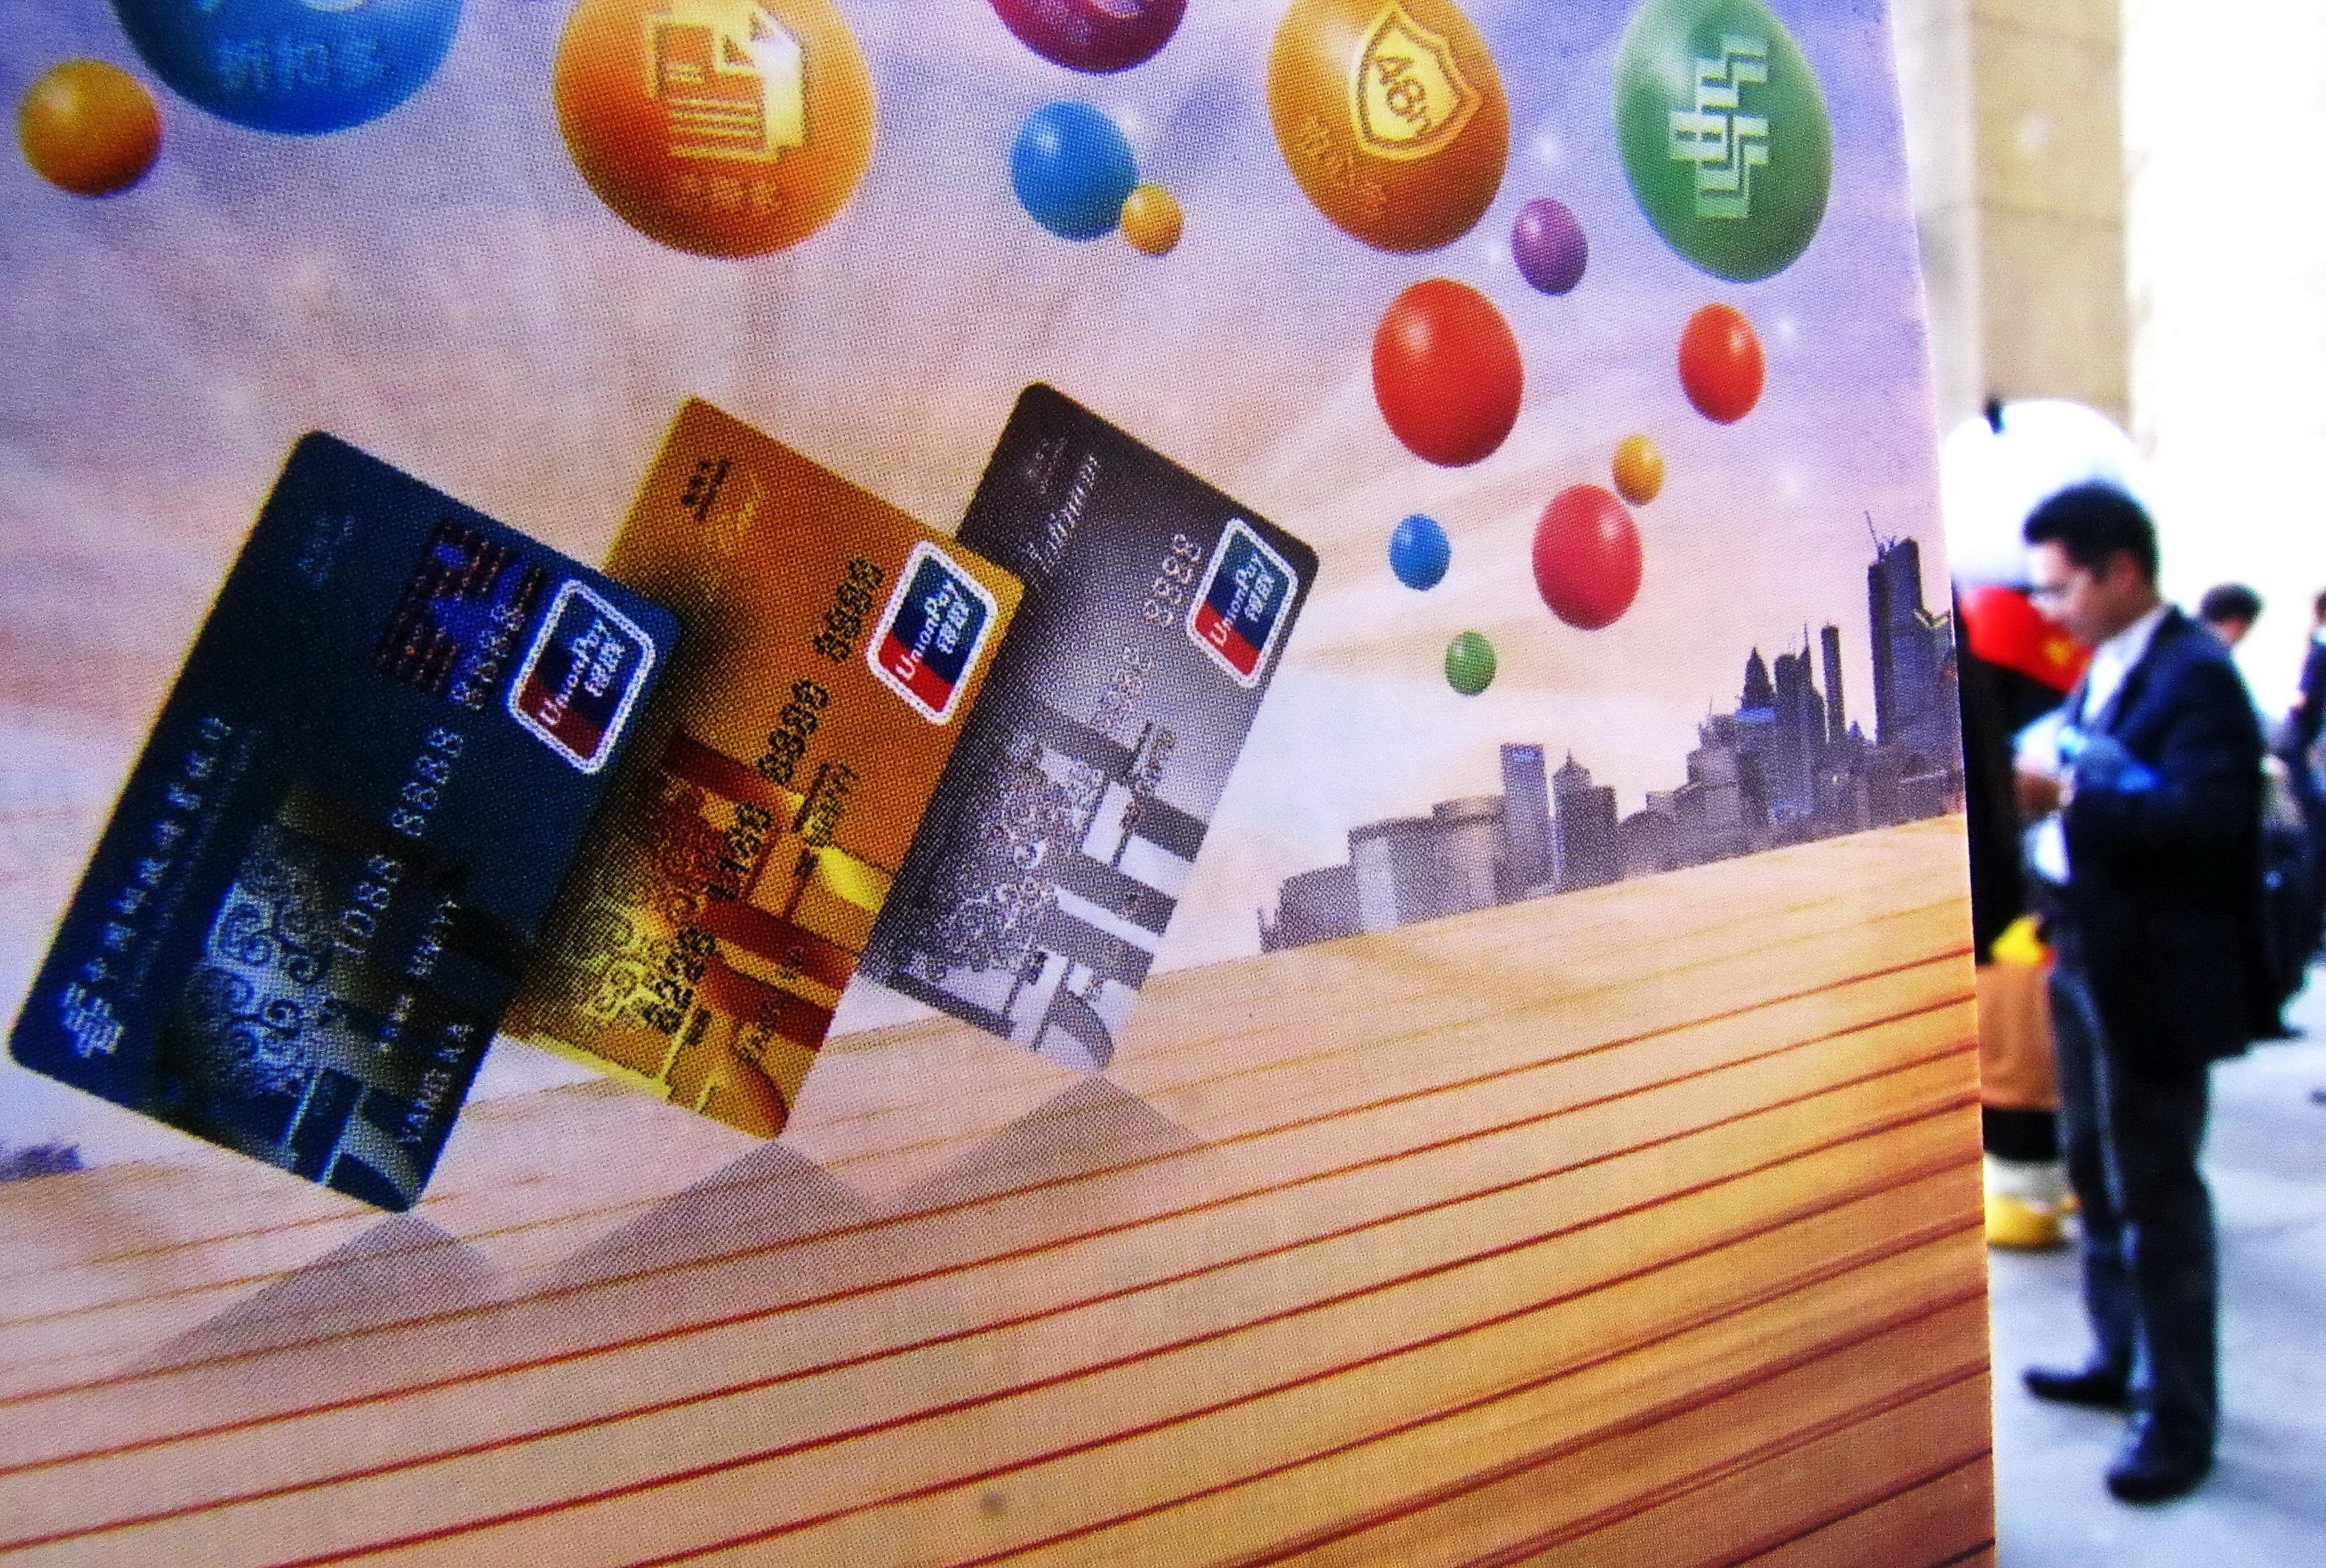 玩卡3年总结出来的8个信用卡知识点,办卡前必看!